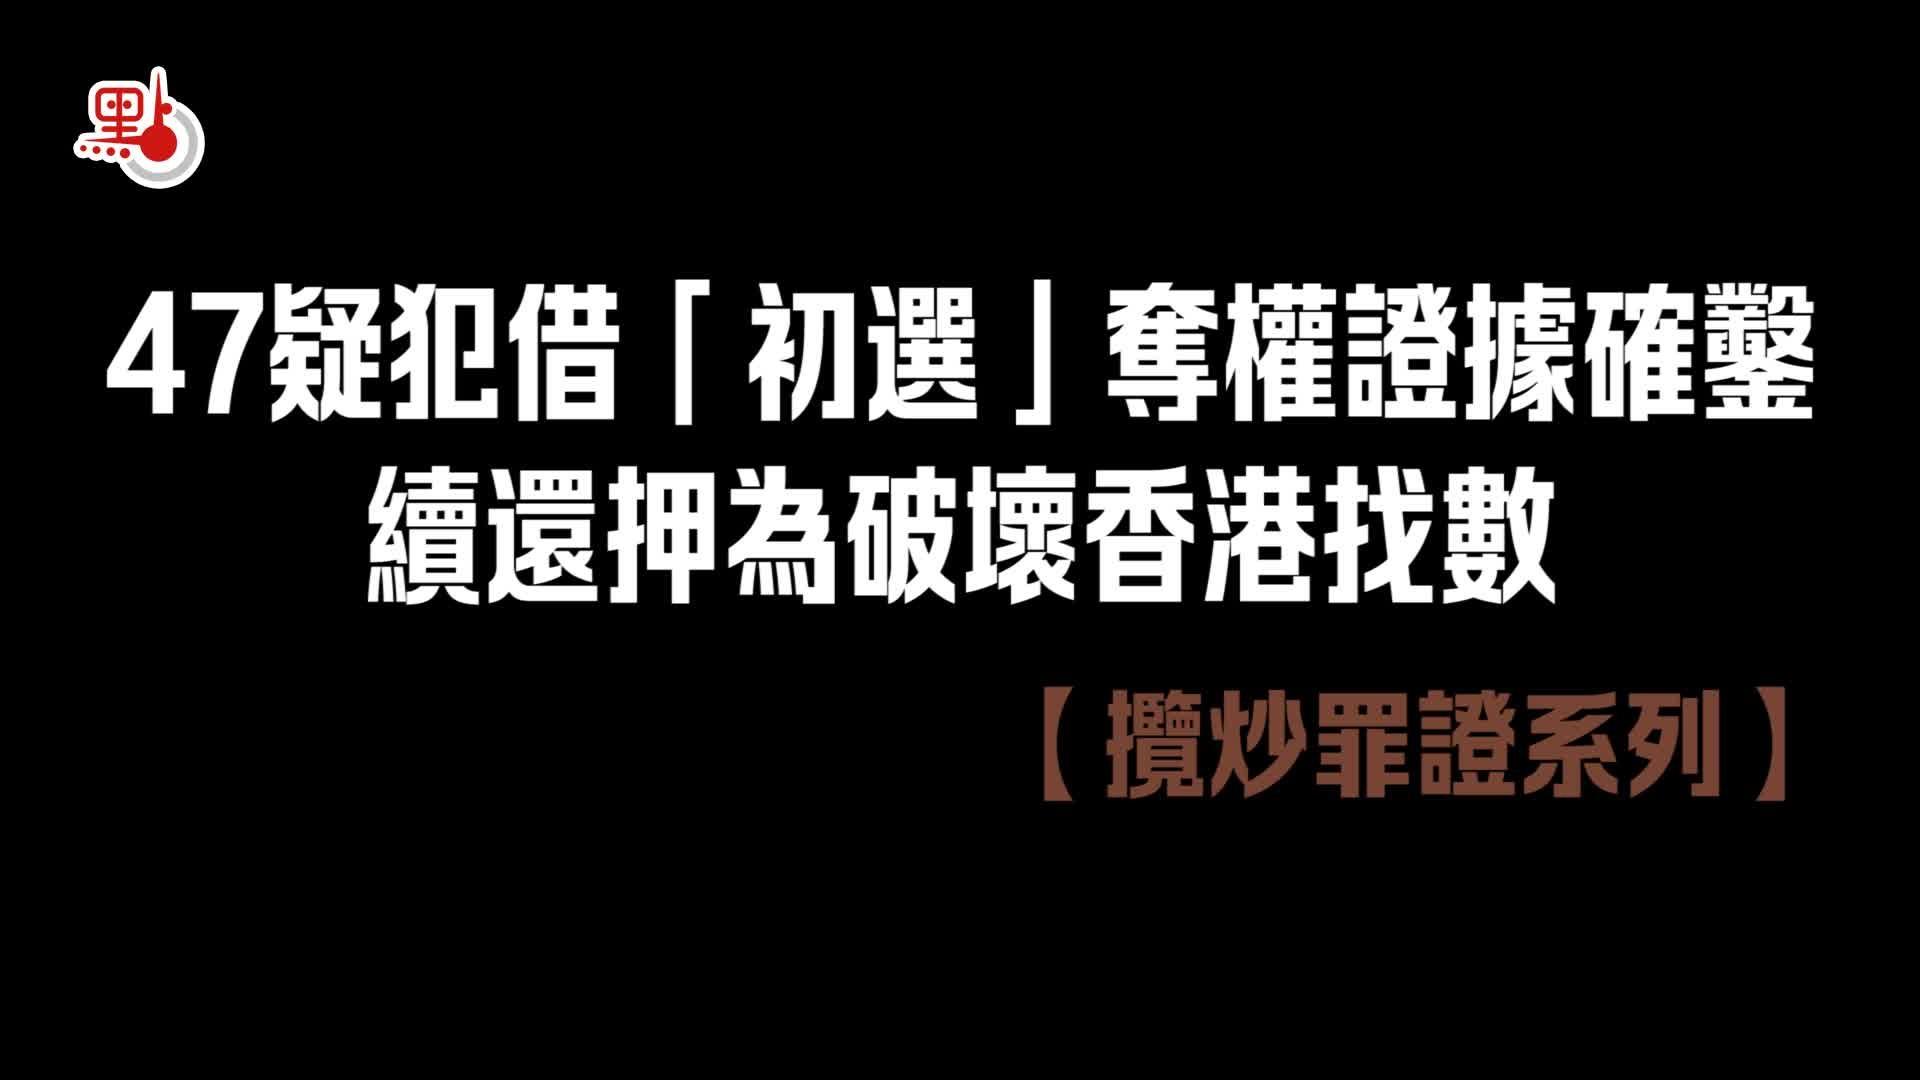 攬炒罪證系列|47疑犯借「初選」奪權證據確鑿 續還押為破壞香港找數!